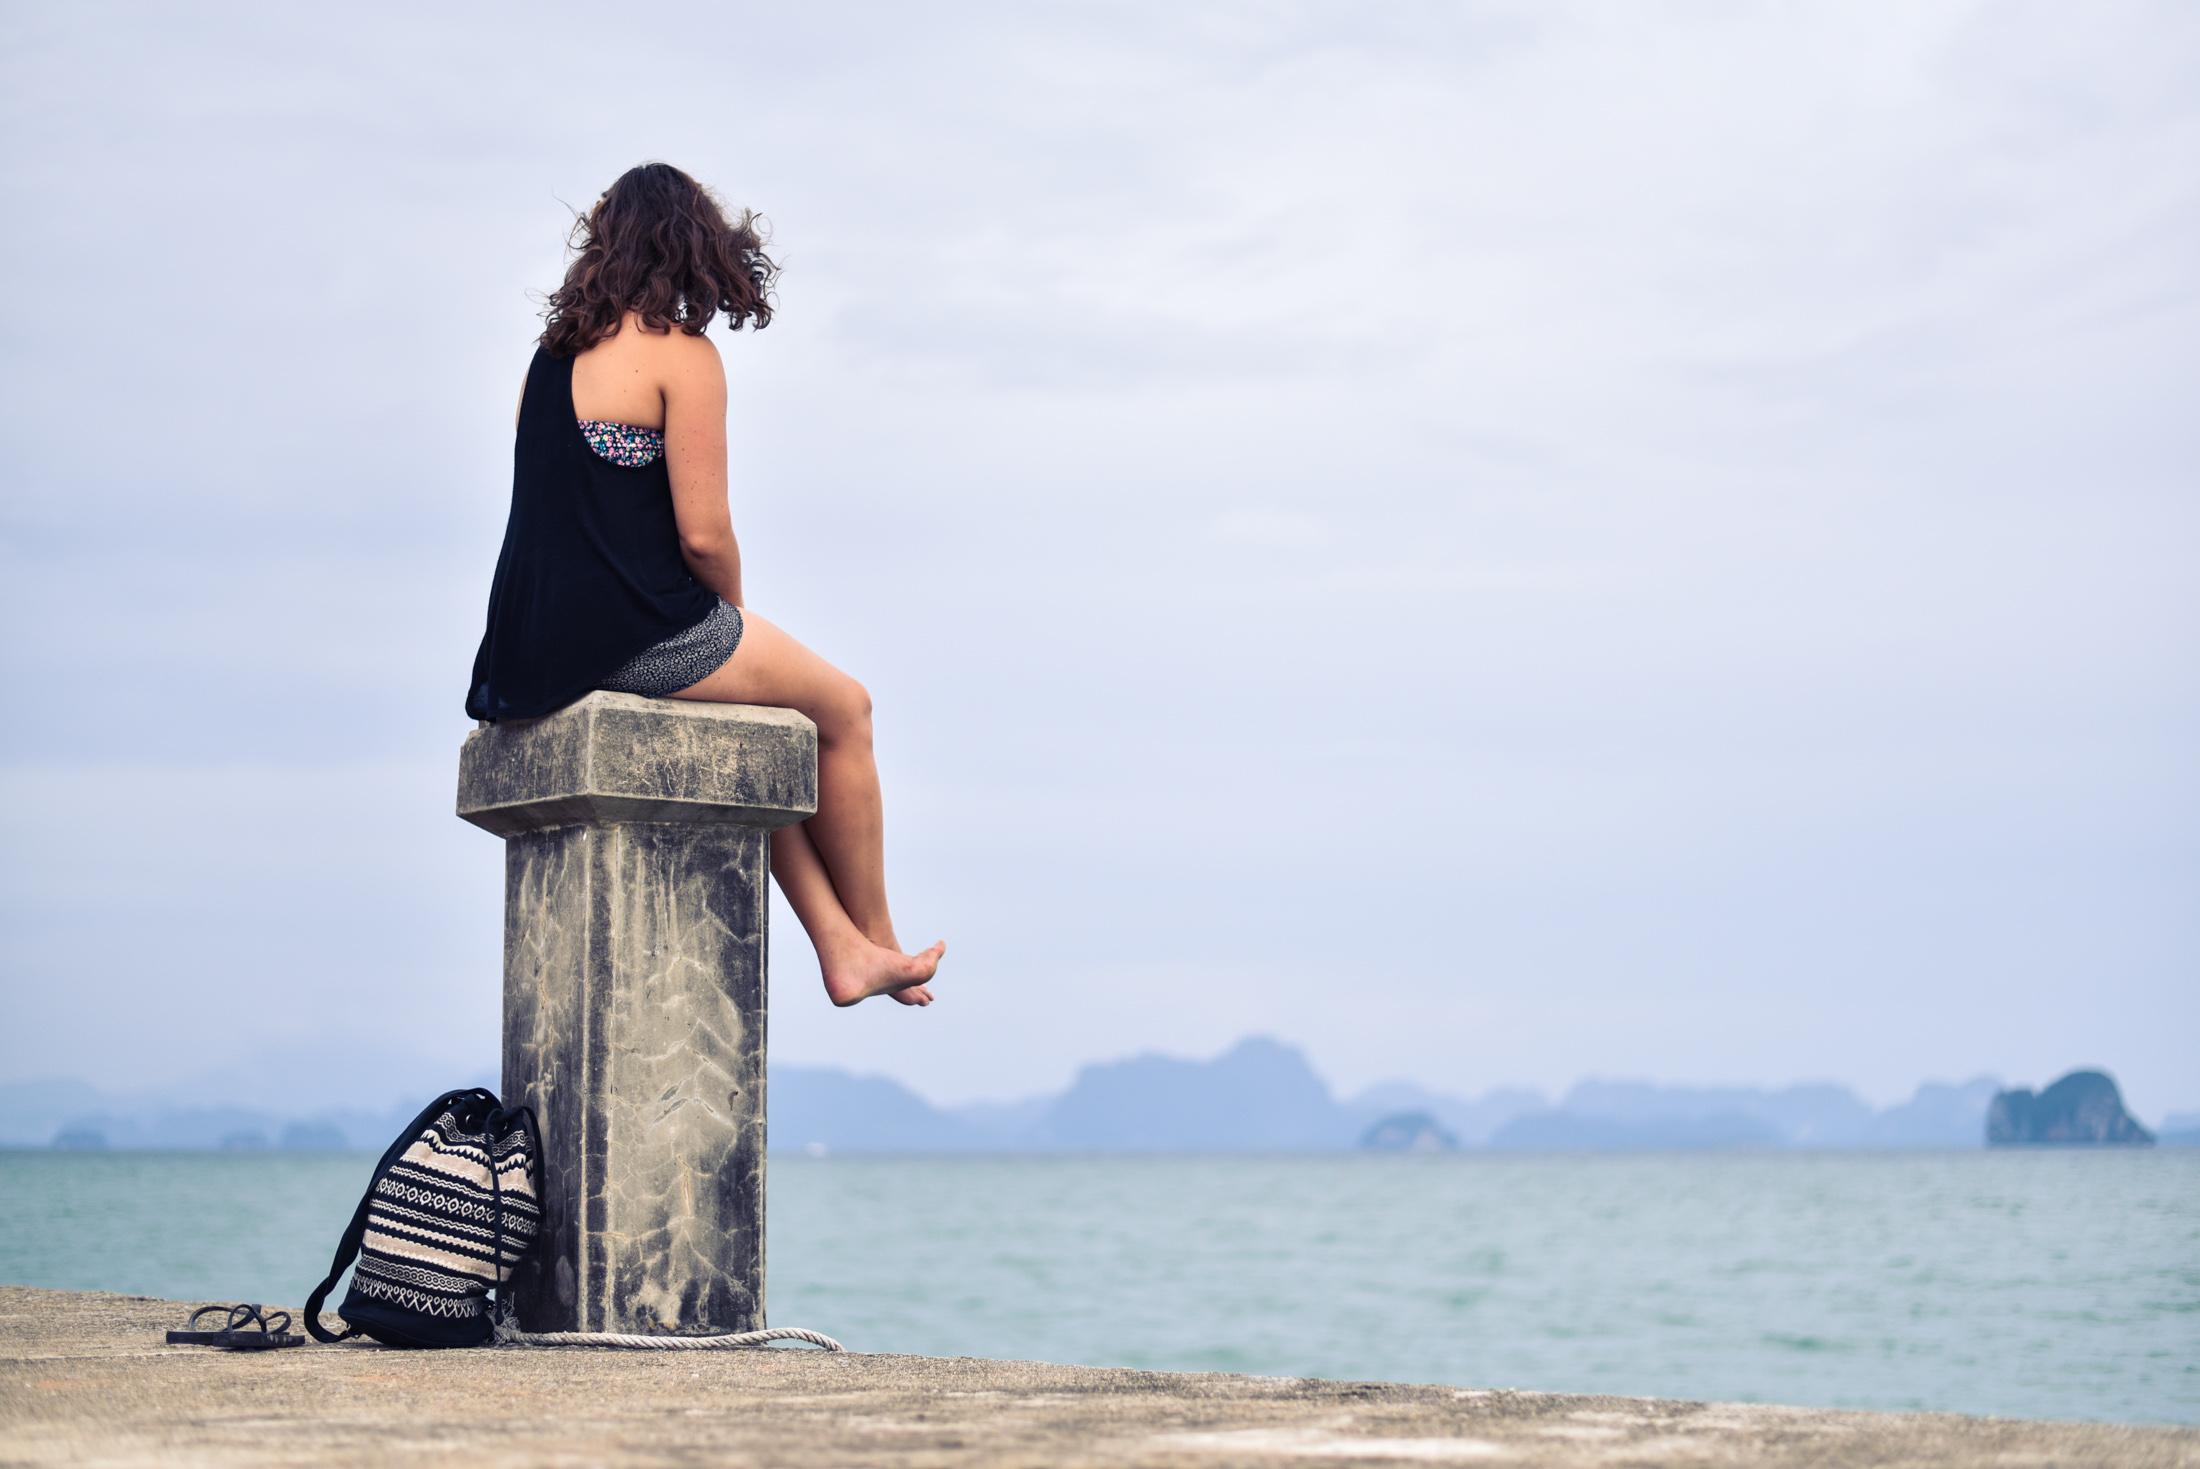 isolate-yourself-breakup